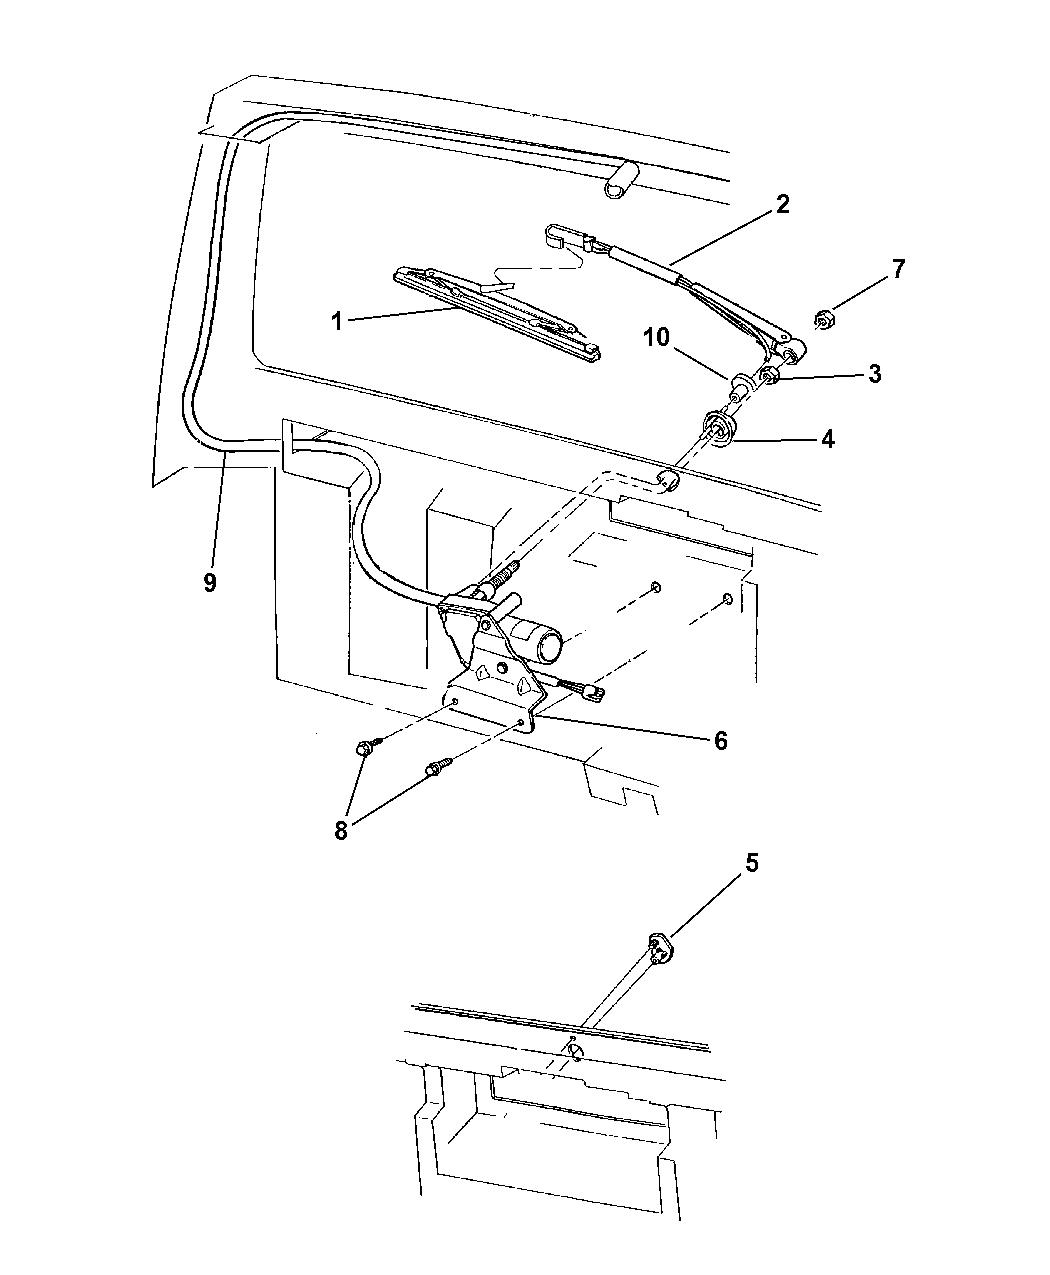 1998 Jeep Cherokee Rear Wiper & Washer - Mopar Parts Giant